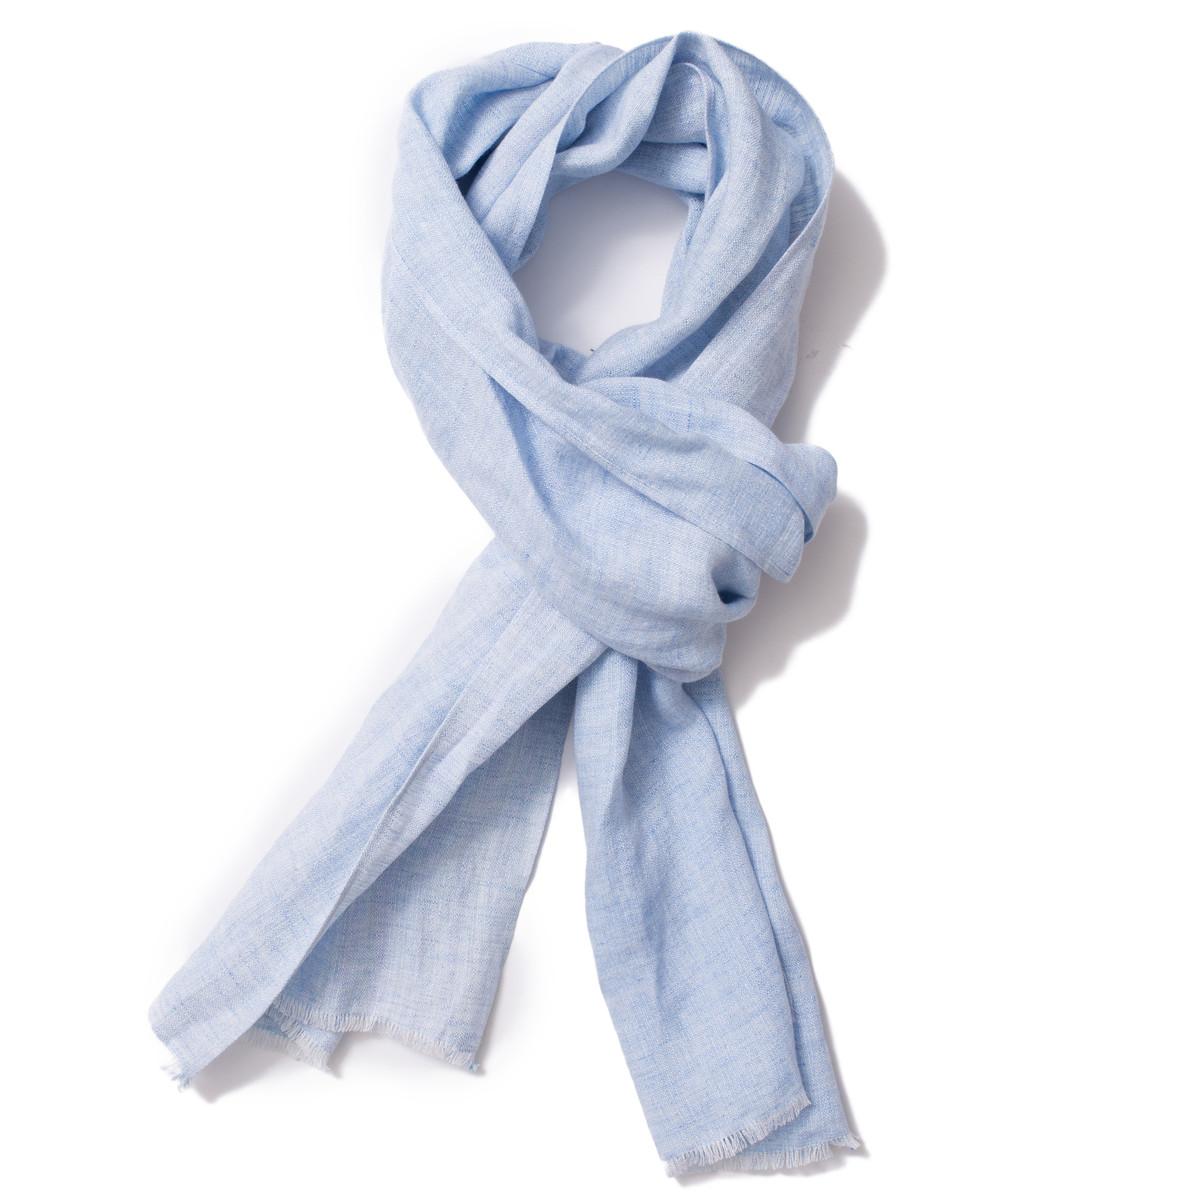 gloves scarf chenbo fantasy - photo #25